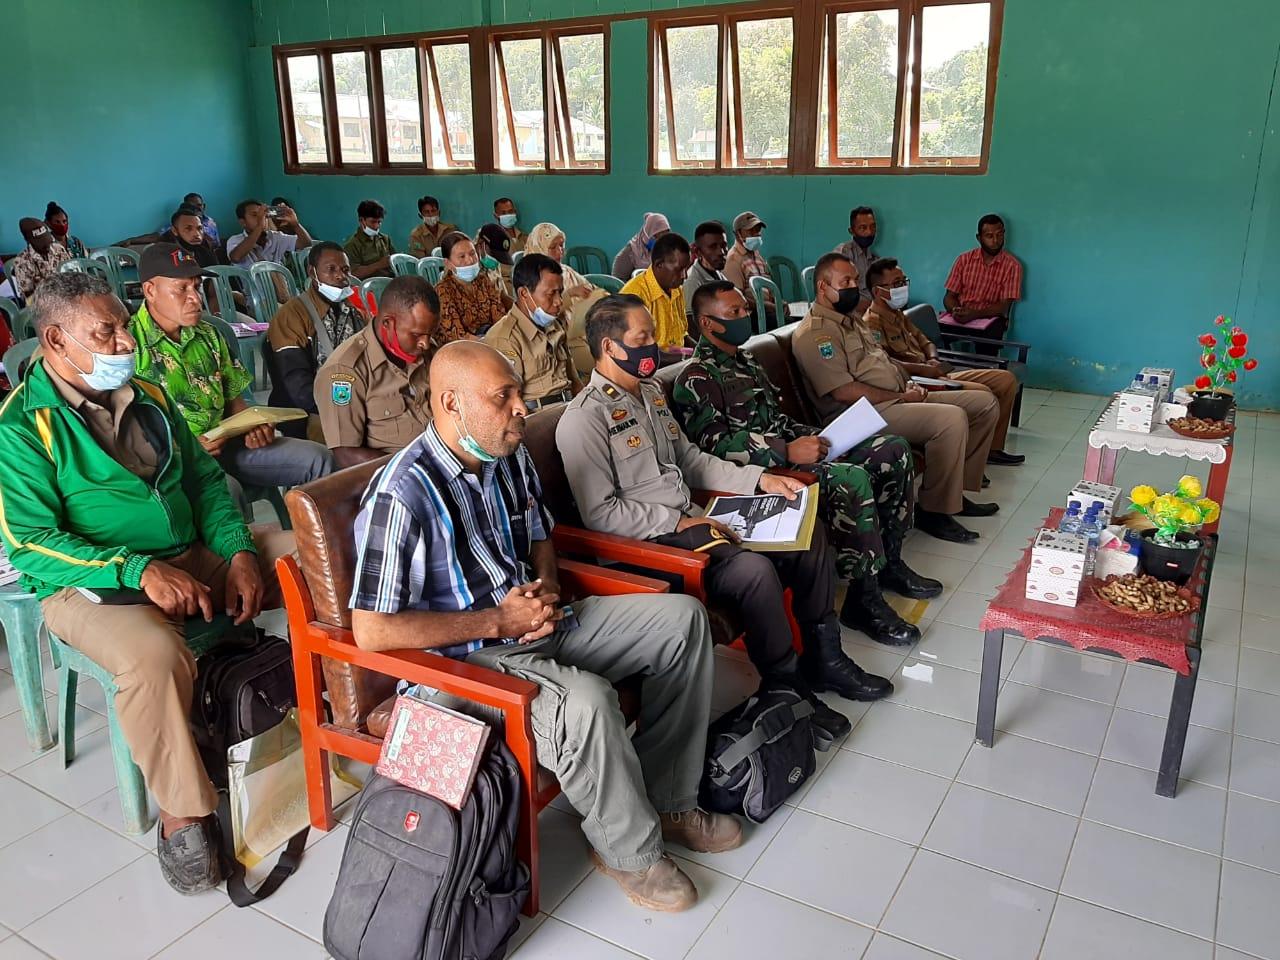 Kapolsek Salawati Yang Di Wakili Oleh Waka Polsek Hadiri Undangan Sosialisasi Pedoman Pelaksanaan Prospek Otsos Tahun 2021